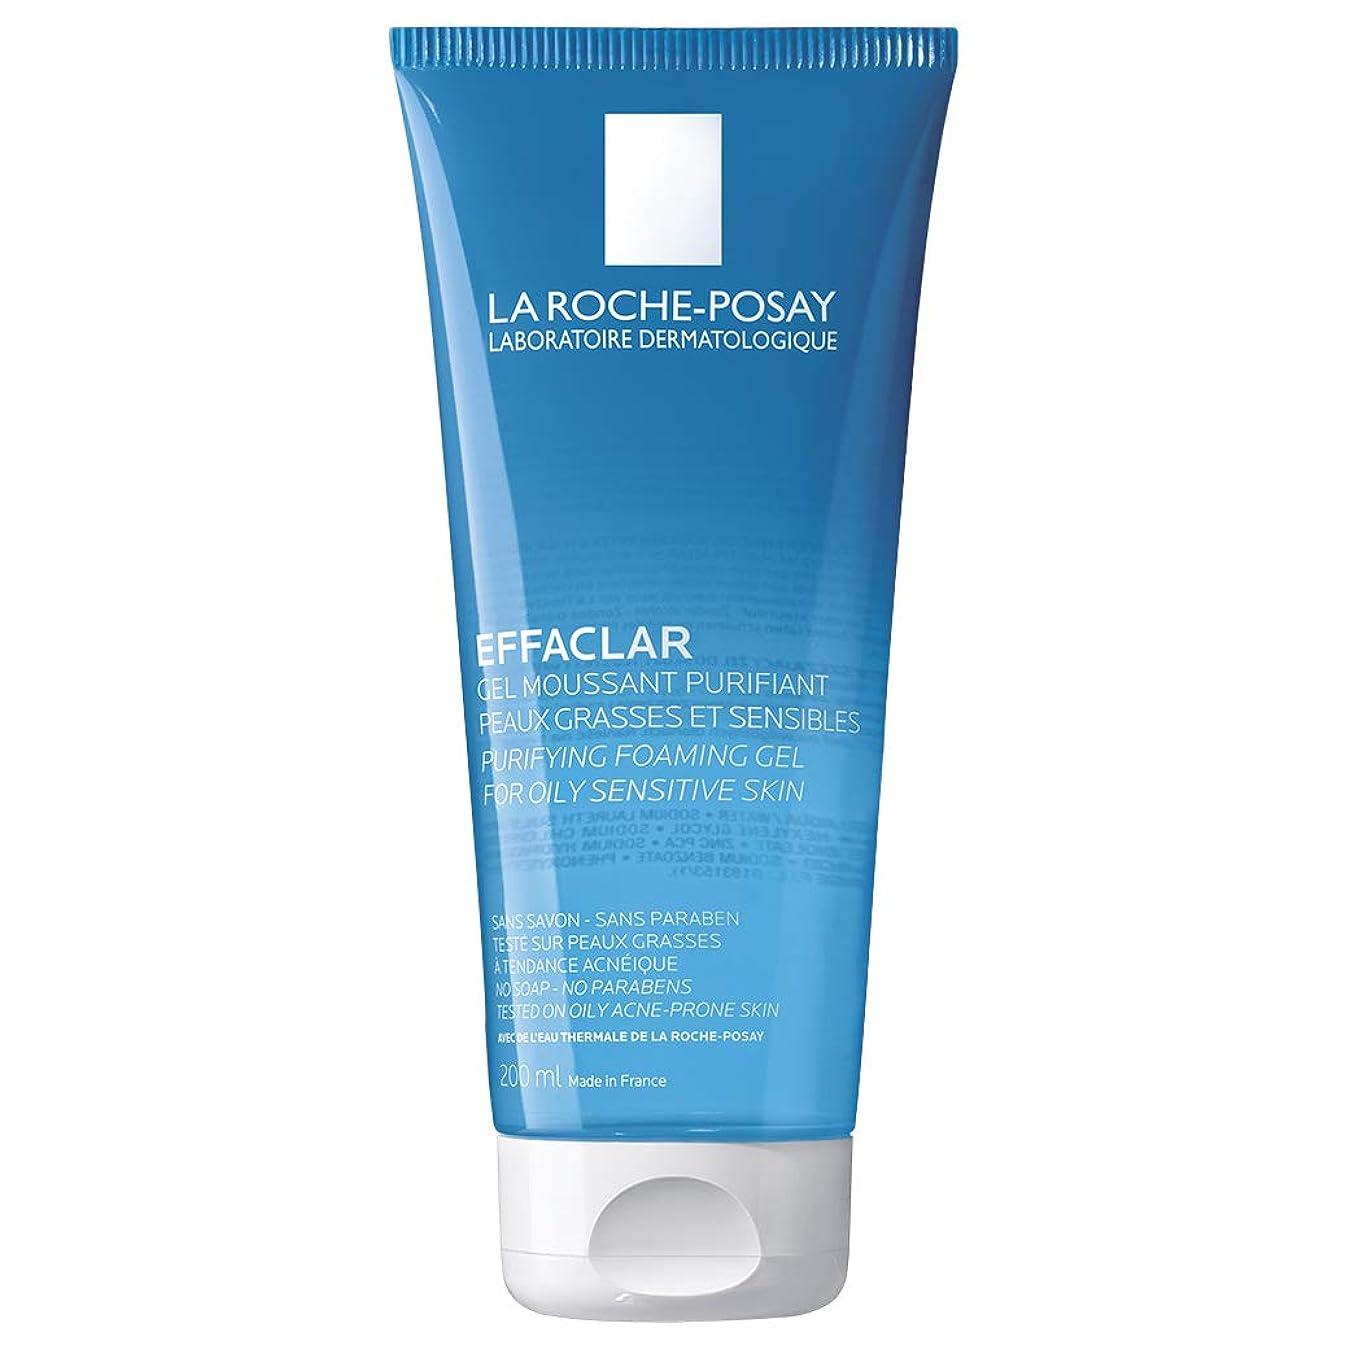 任意ウイルス多様な[ラロシュ布製] エファクラ 脂性肌のためのピュリファイングフォーミングジェルクレンザー 200ml / La Roche-Posay Effaclar Purifying Foaming Gel Cleanser for Oily Skin